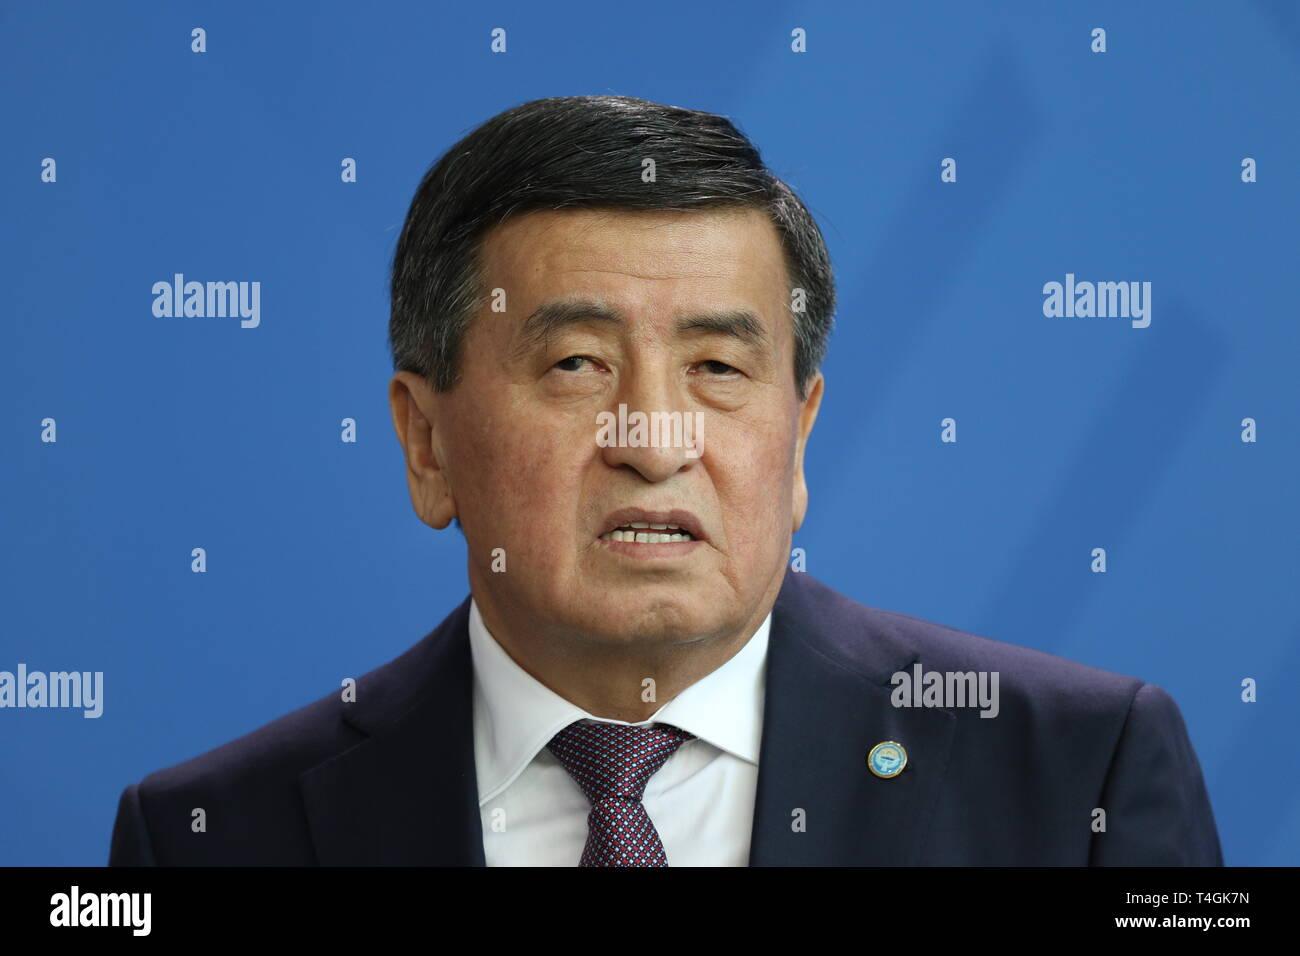 16.04.2019, Berlin, Deutschland, dem kirgisischen Präsidenten, Sooronbaj Dshejenbekow in Aussagen gegenüber der Presse in das Bundeskanzleramt. Stockbild